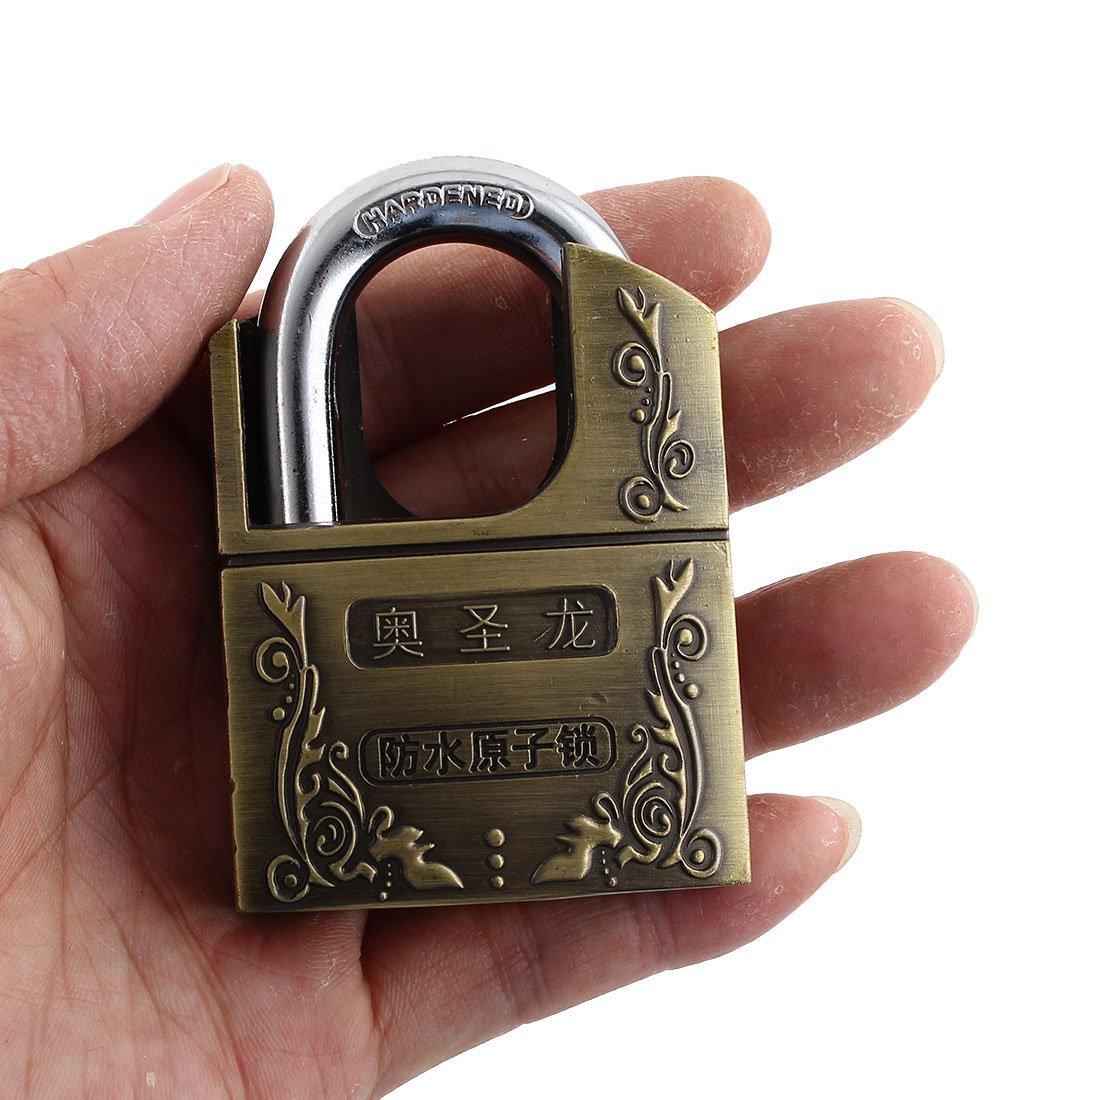 DealMux Móveis Armário Porta 73 milímetros x 51 milímetros x 19 milímetros de bronze Segurança Alloy Locker Manilha Padlock w Chaves